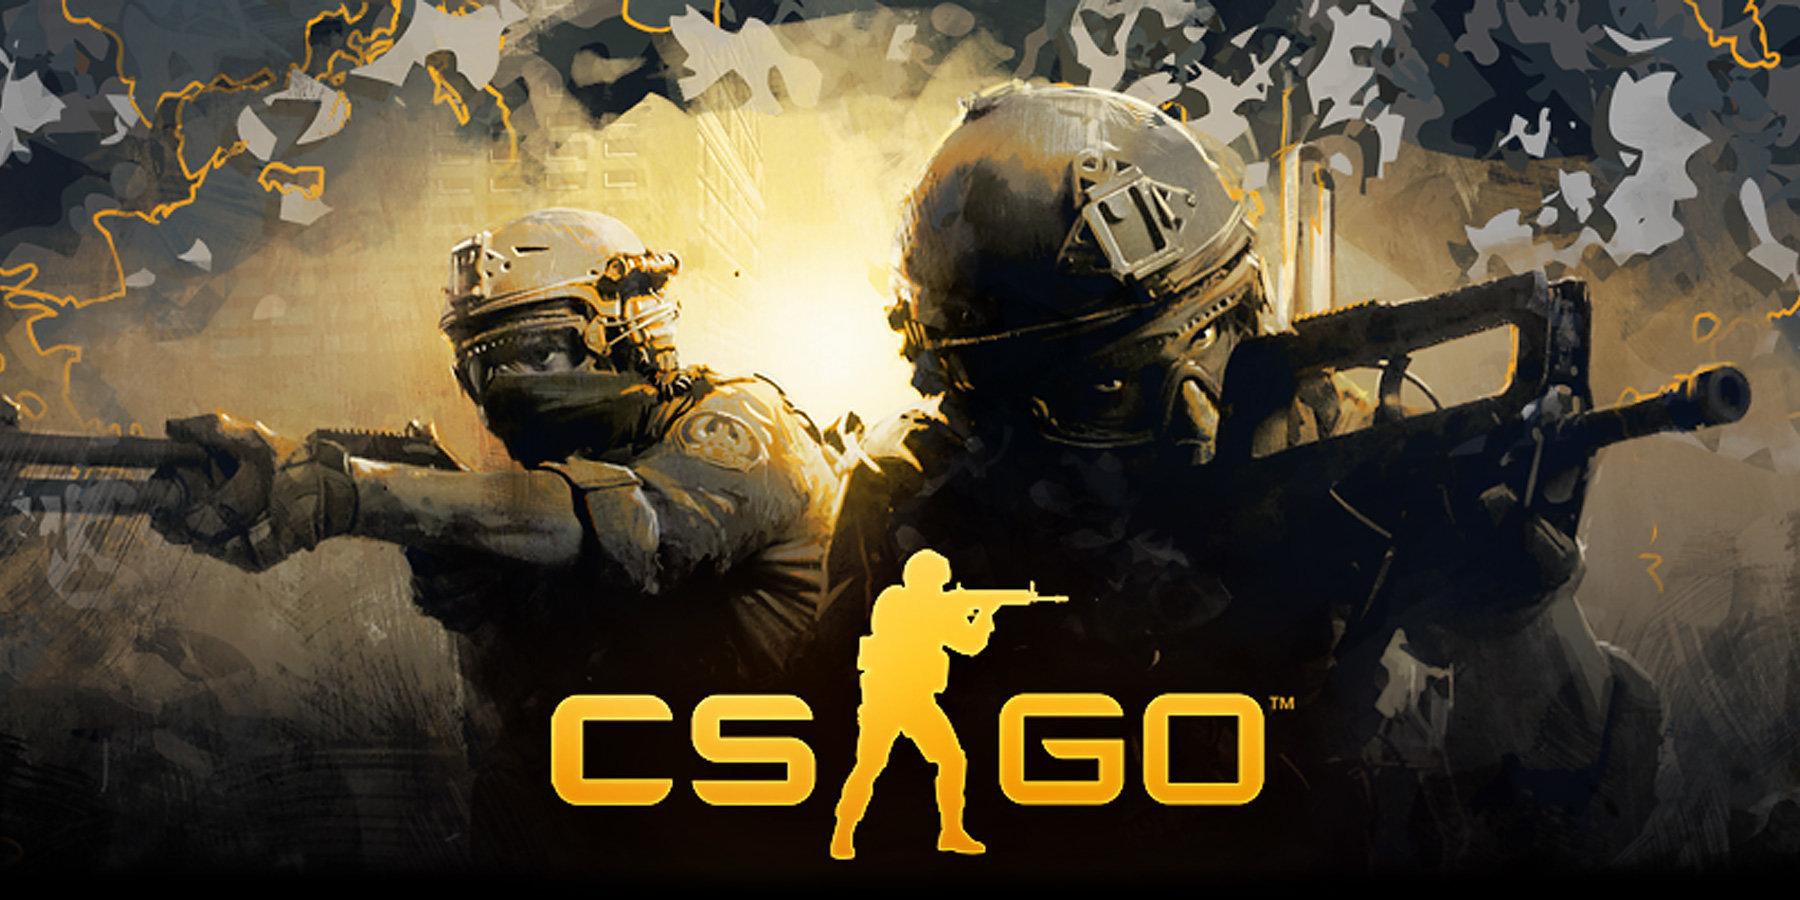 cs:go prime + 30 igr  + podarok + bonus [steam] 399 rur